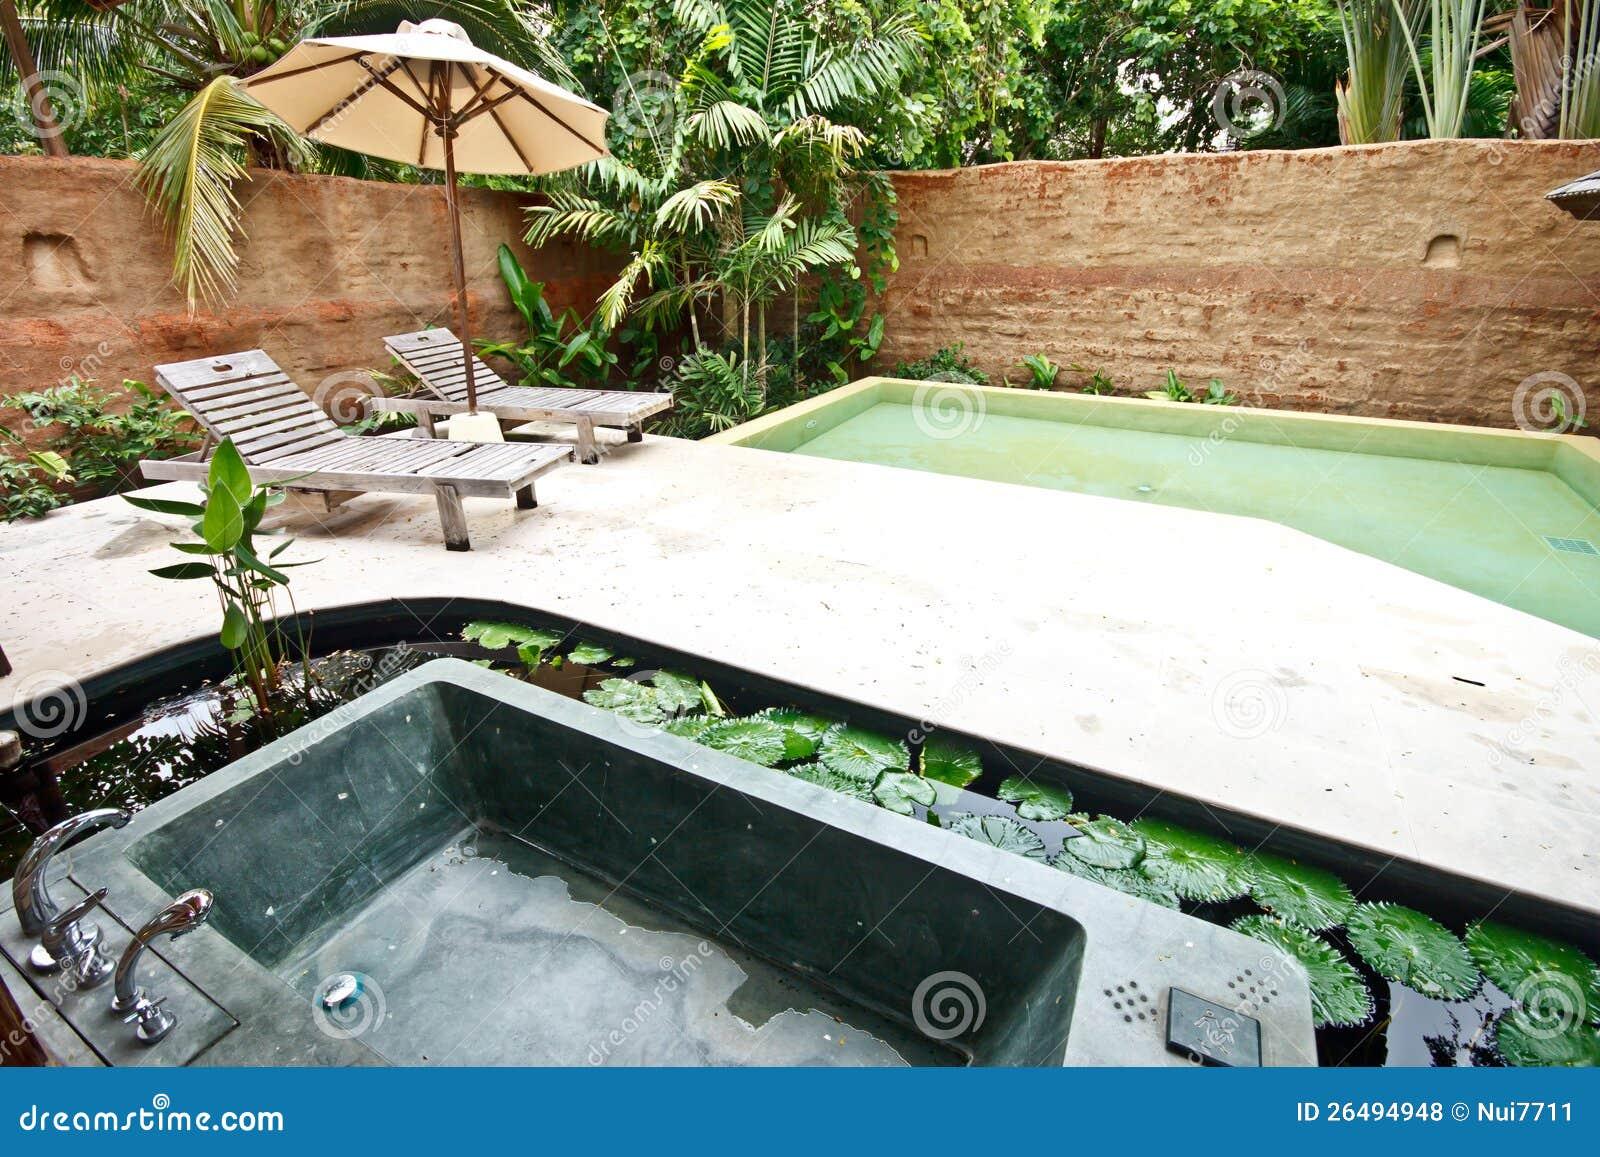 Vasche Da Bagno Jacuzzi Misure : Vasca da bagno esterna della jacuzzi in giardino fotografia